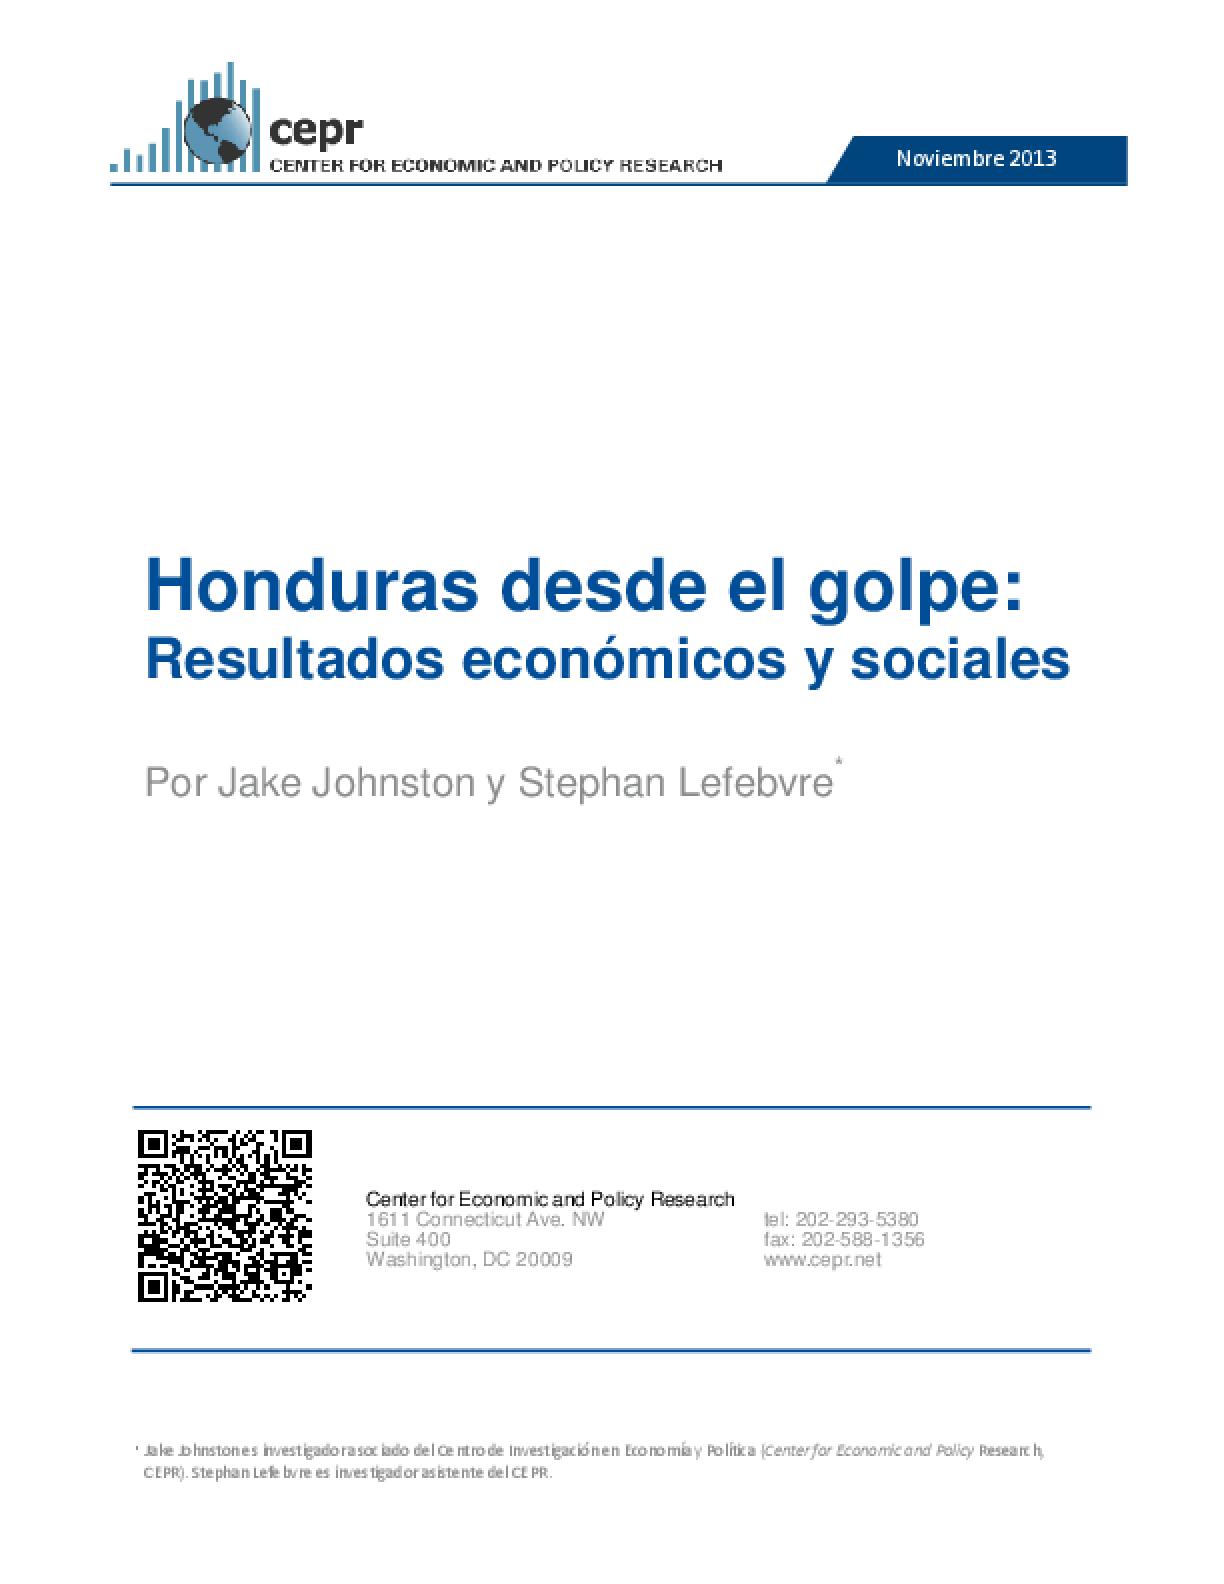 Honduras Desde el Golpe: Resultados Económicos y Sociales